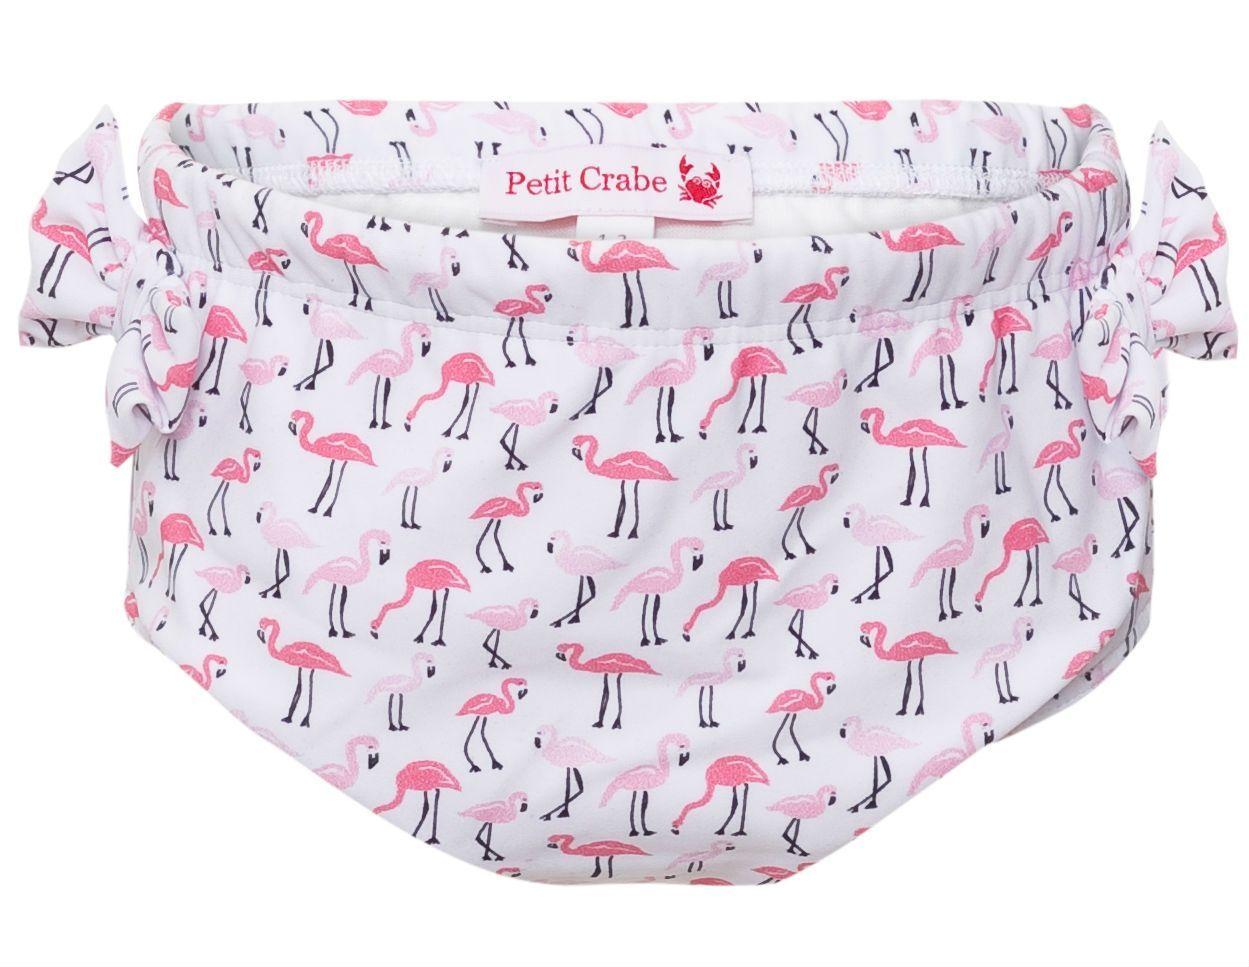 Billede af Ble badebukser fra Petit Crabe - UV50 - Flæse og sløjfe - Flamingo